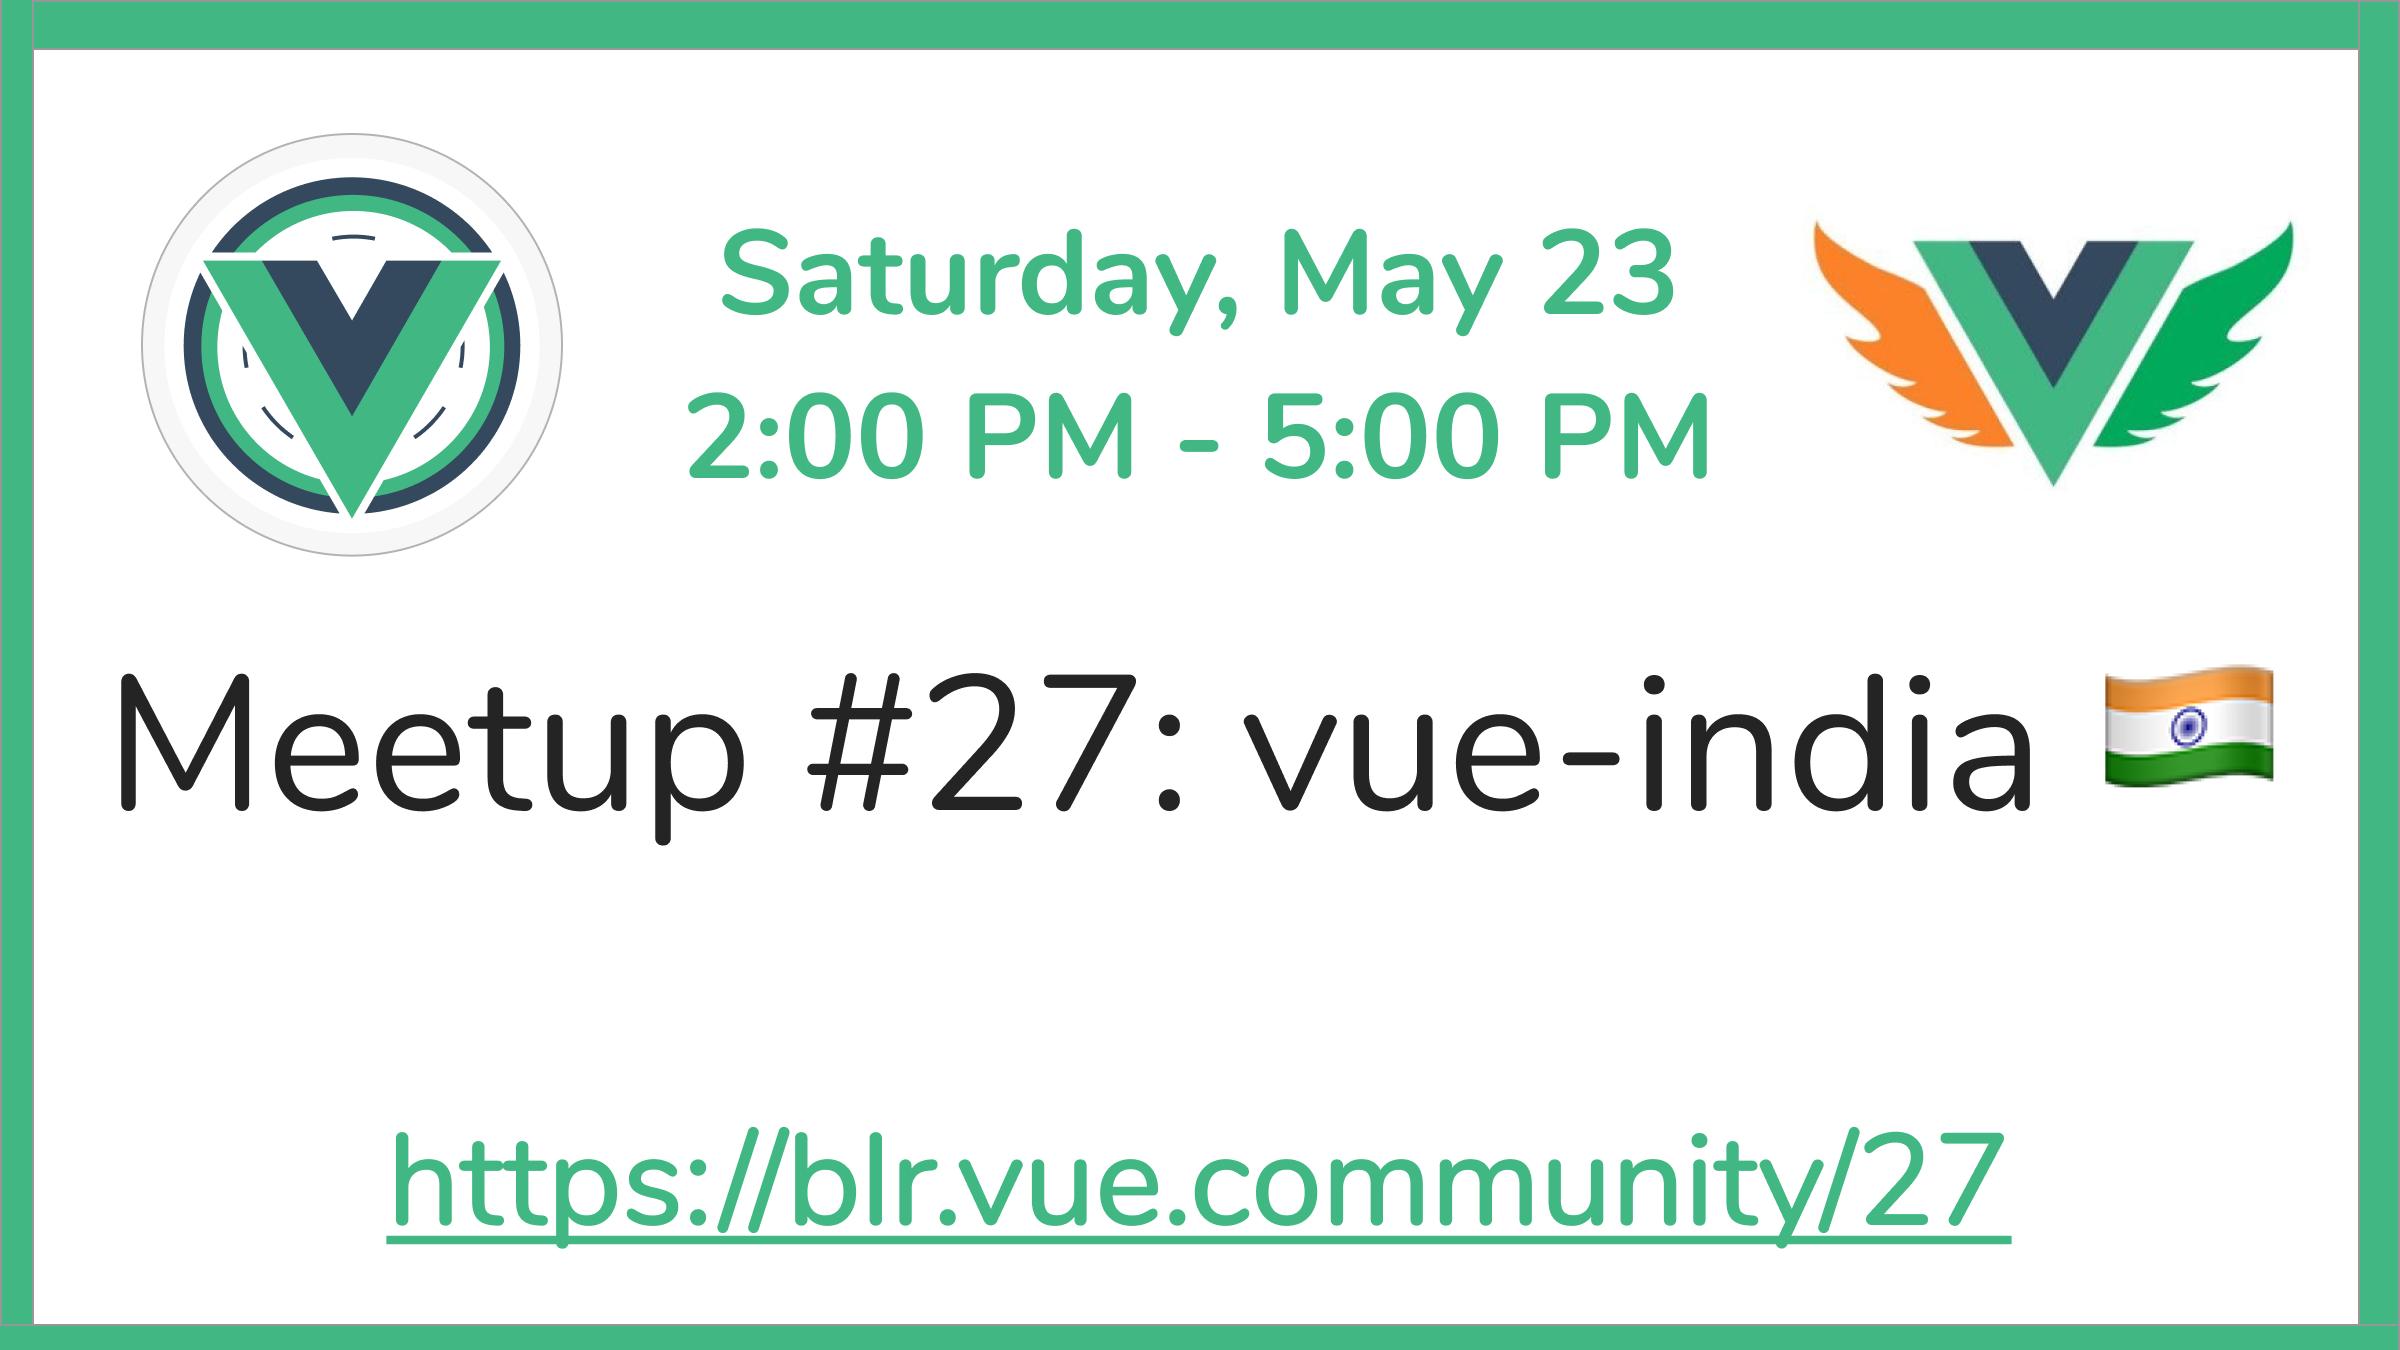 VueBLR #27 Meetup